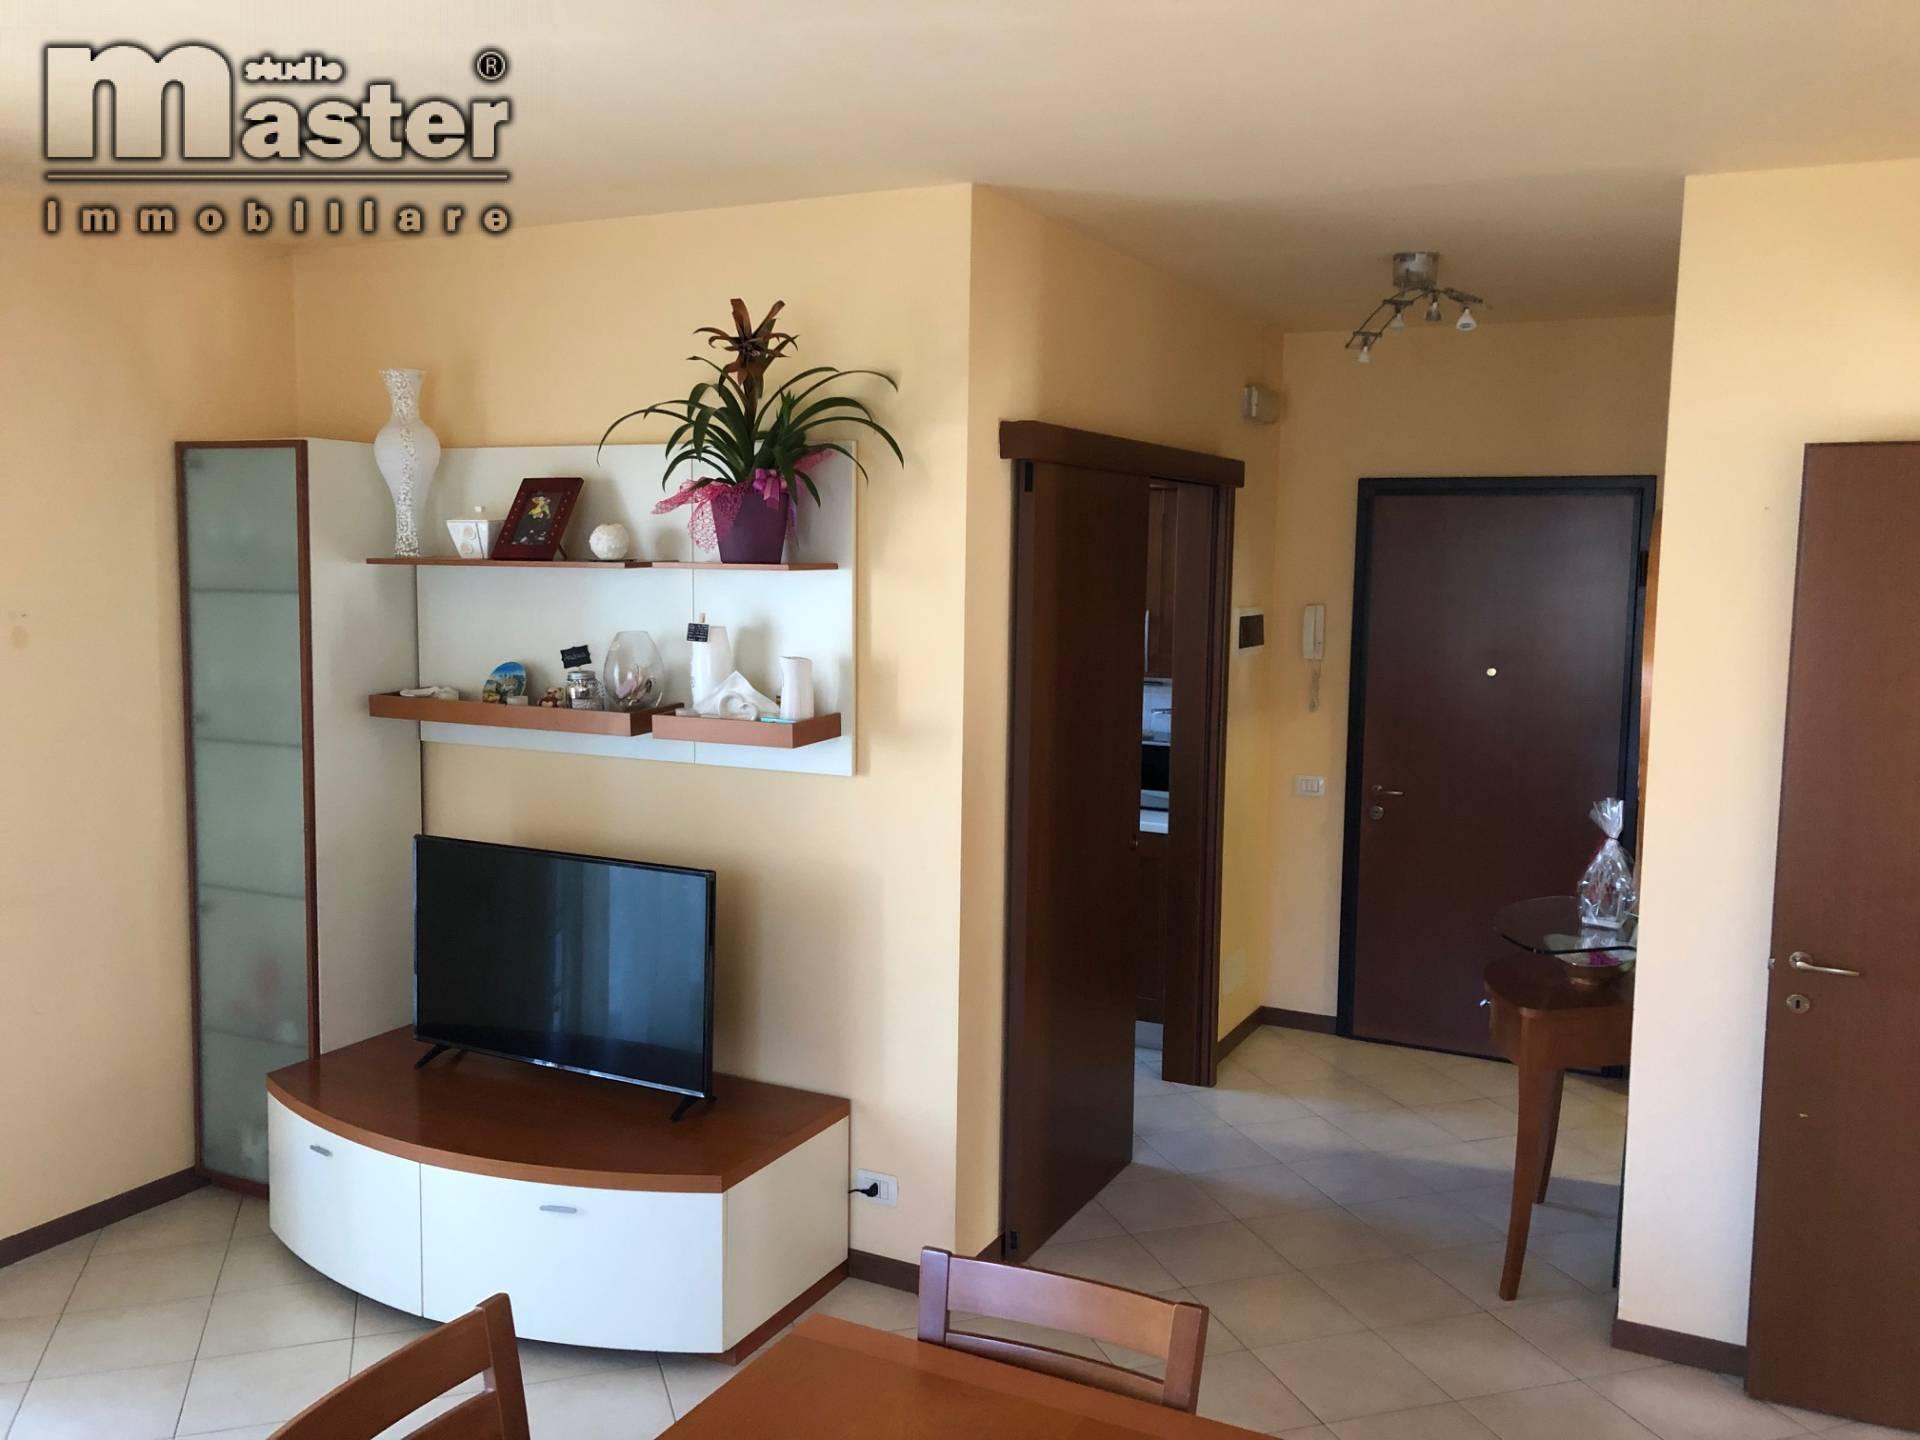 Appartamento in vendita a Paese, 5 locali, zona ellengo, prezzo € 118.000 | PortaleAgenzieImmobiliari.it